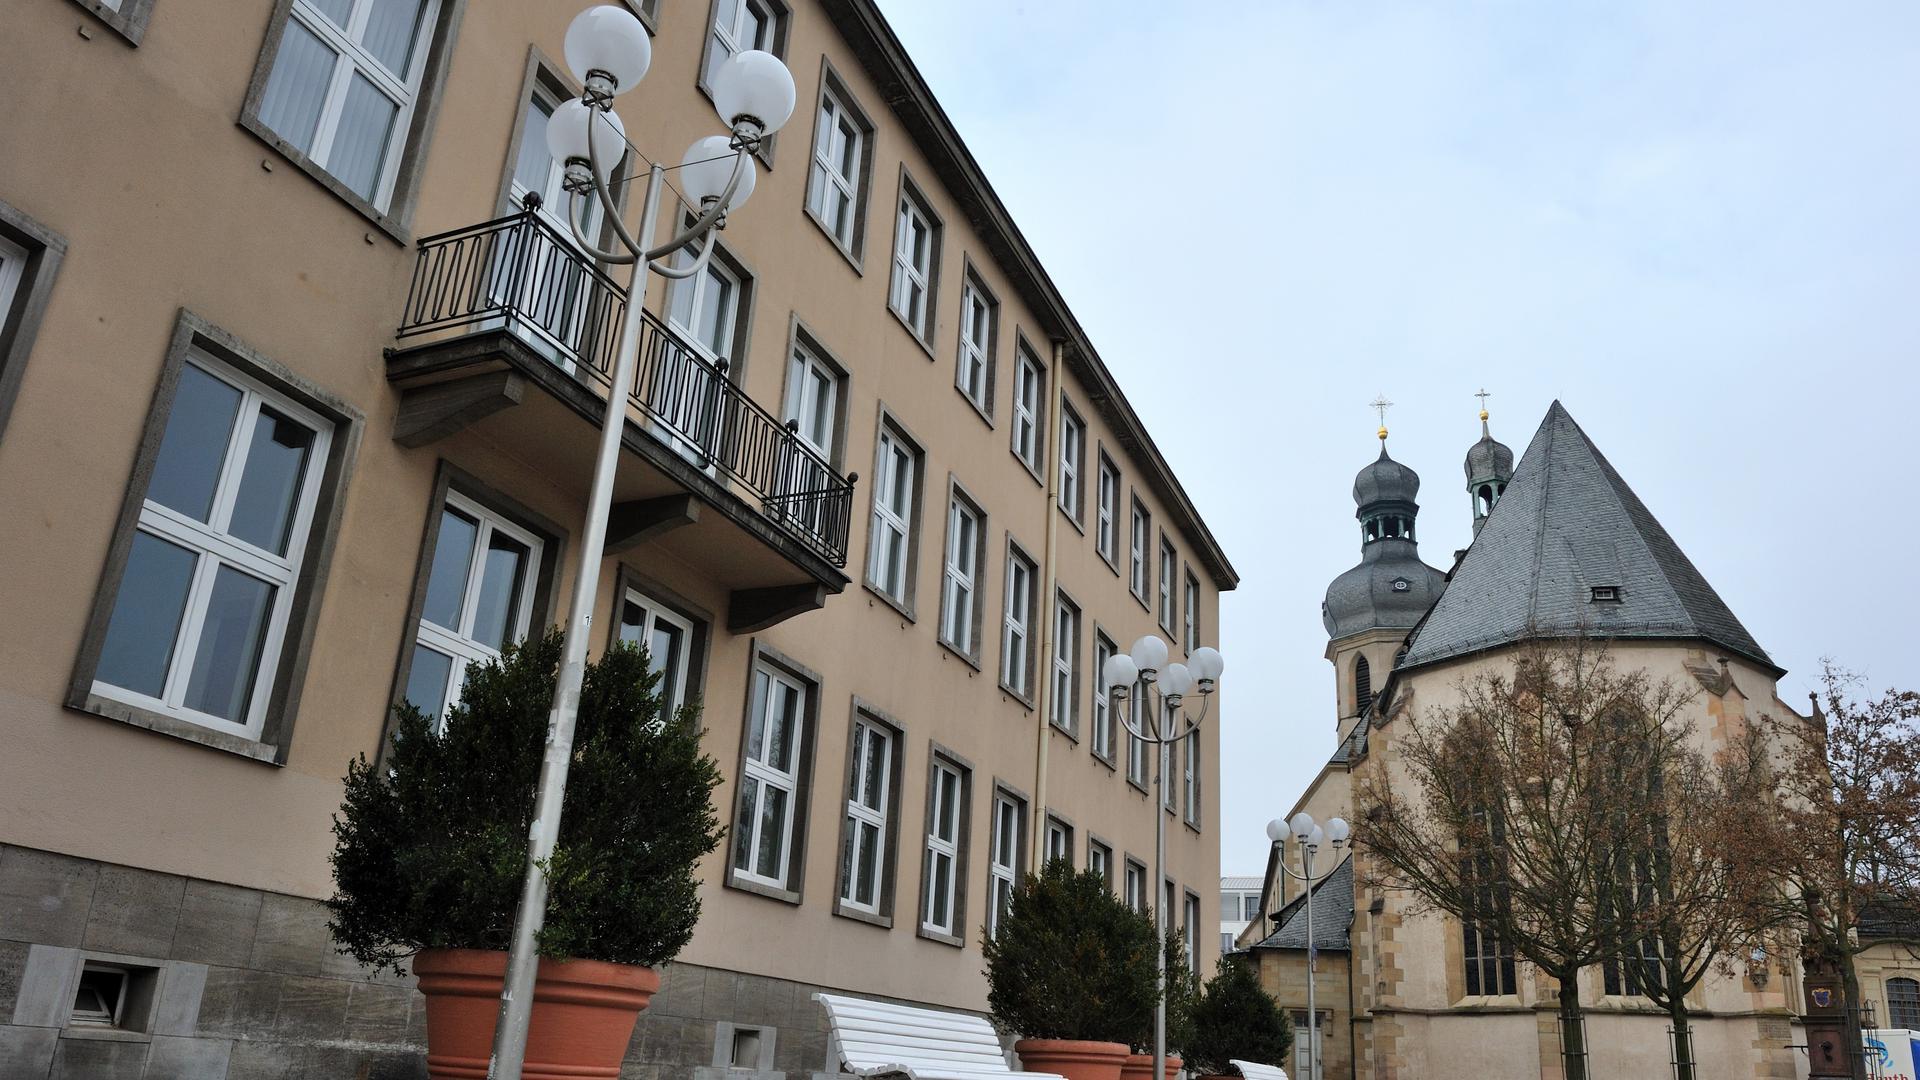 Im Rathaus Bruchsal werden wie in anderen Verwaltungen angesichts steigender Corona-Fälle Vorsichtsmaßnahmen ergriffen, um handlungsfähig zu bleiben.